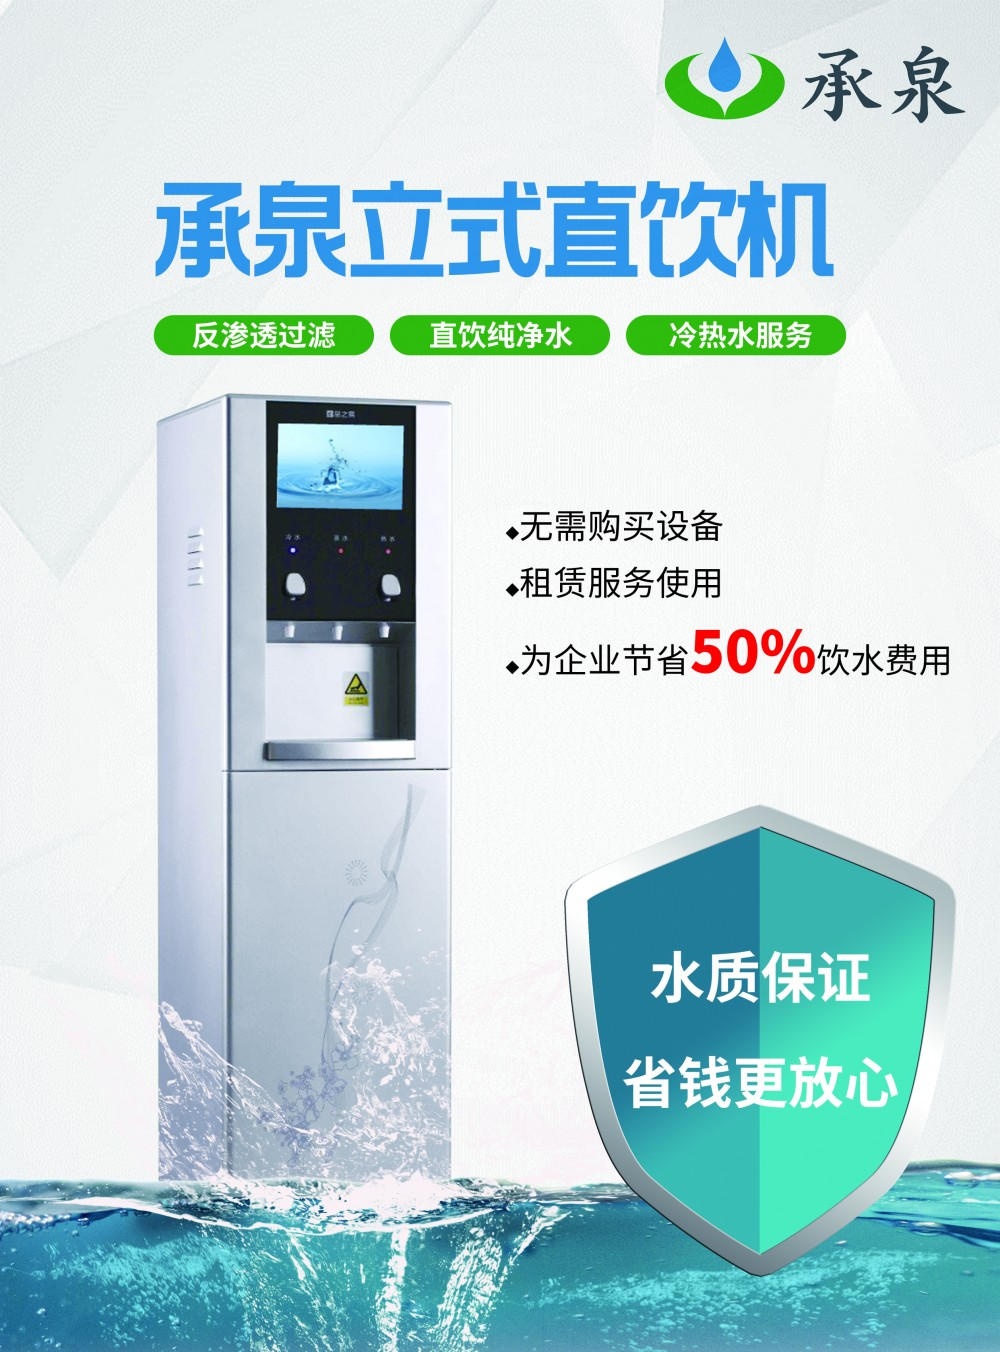 廣州凈水機租賃、純水機租賃、直飲水機租賃,租金...